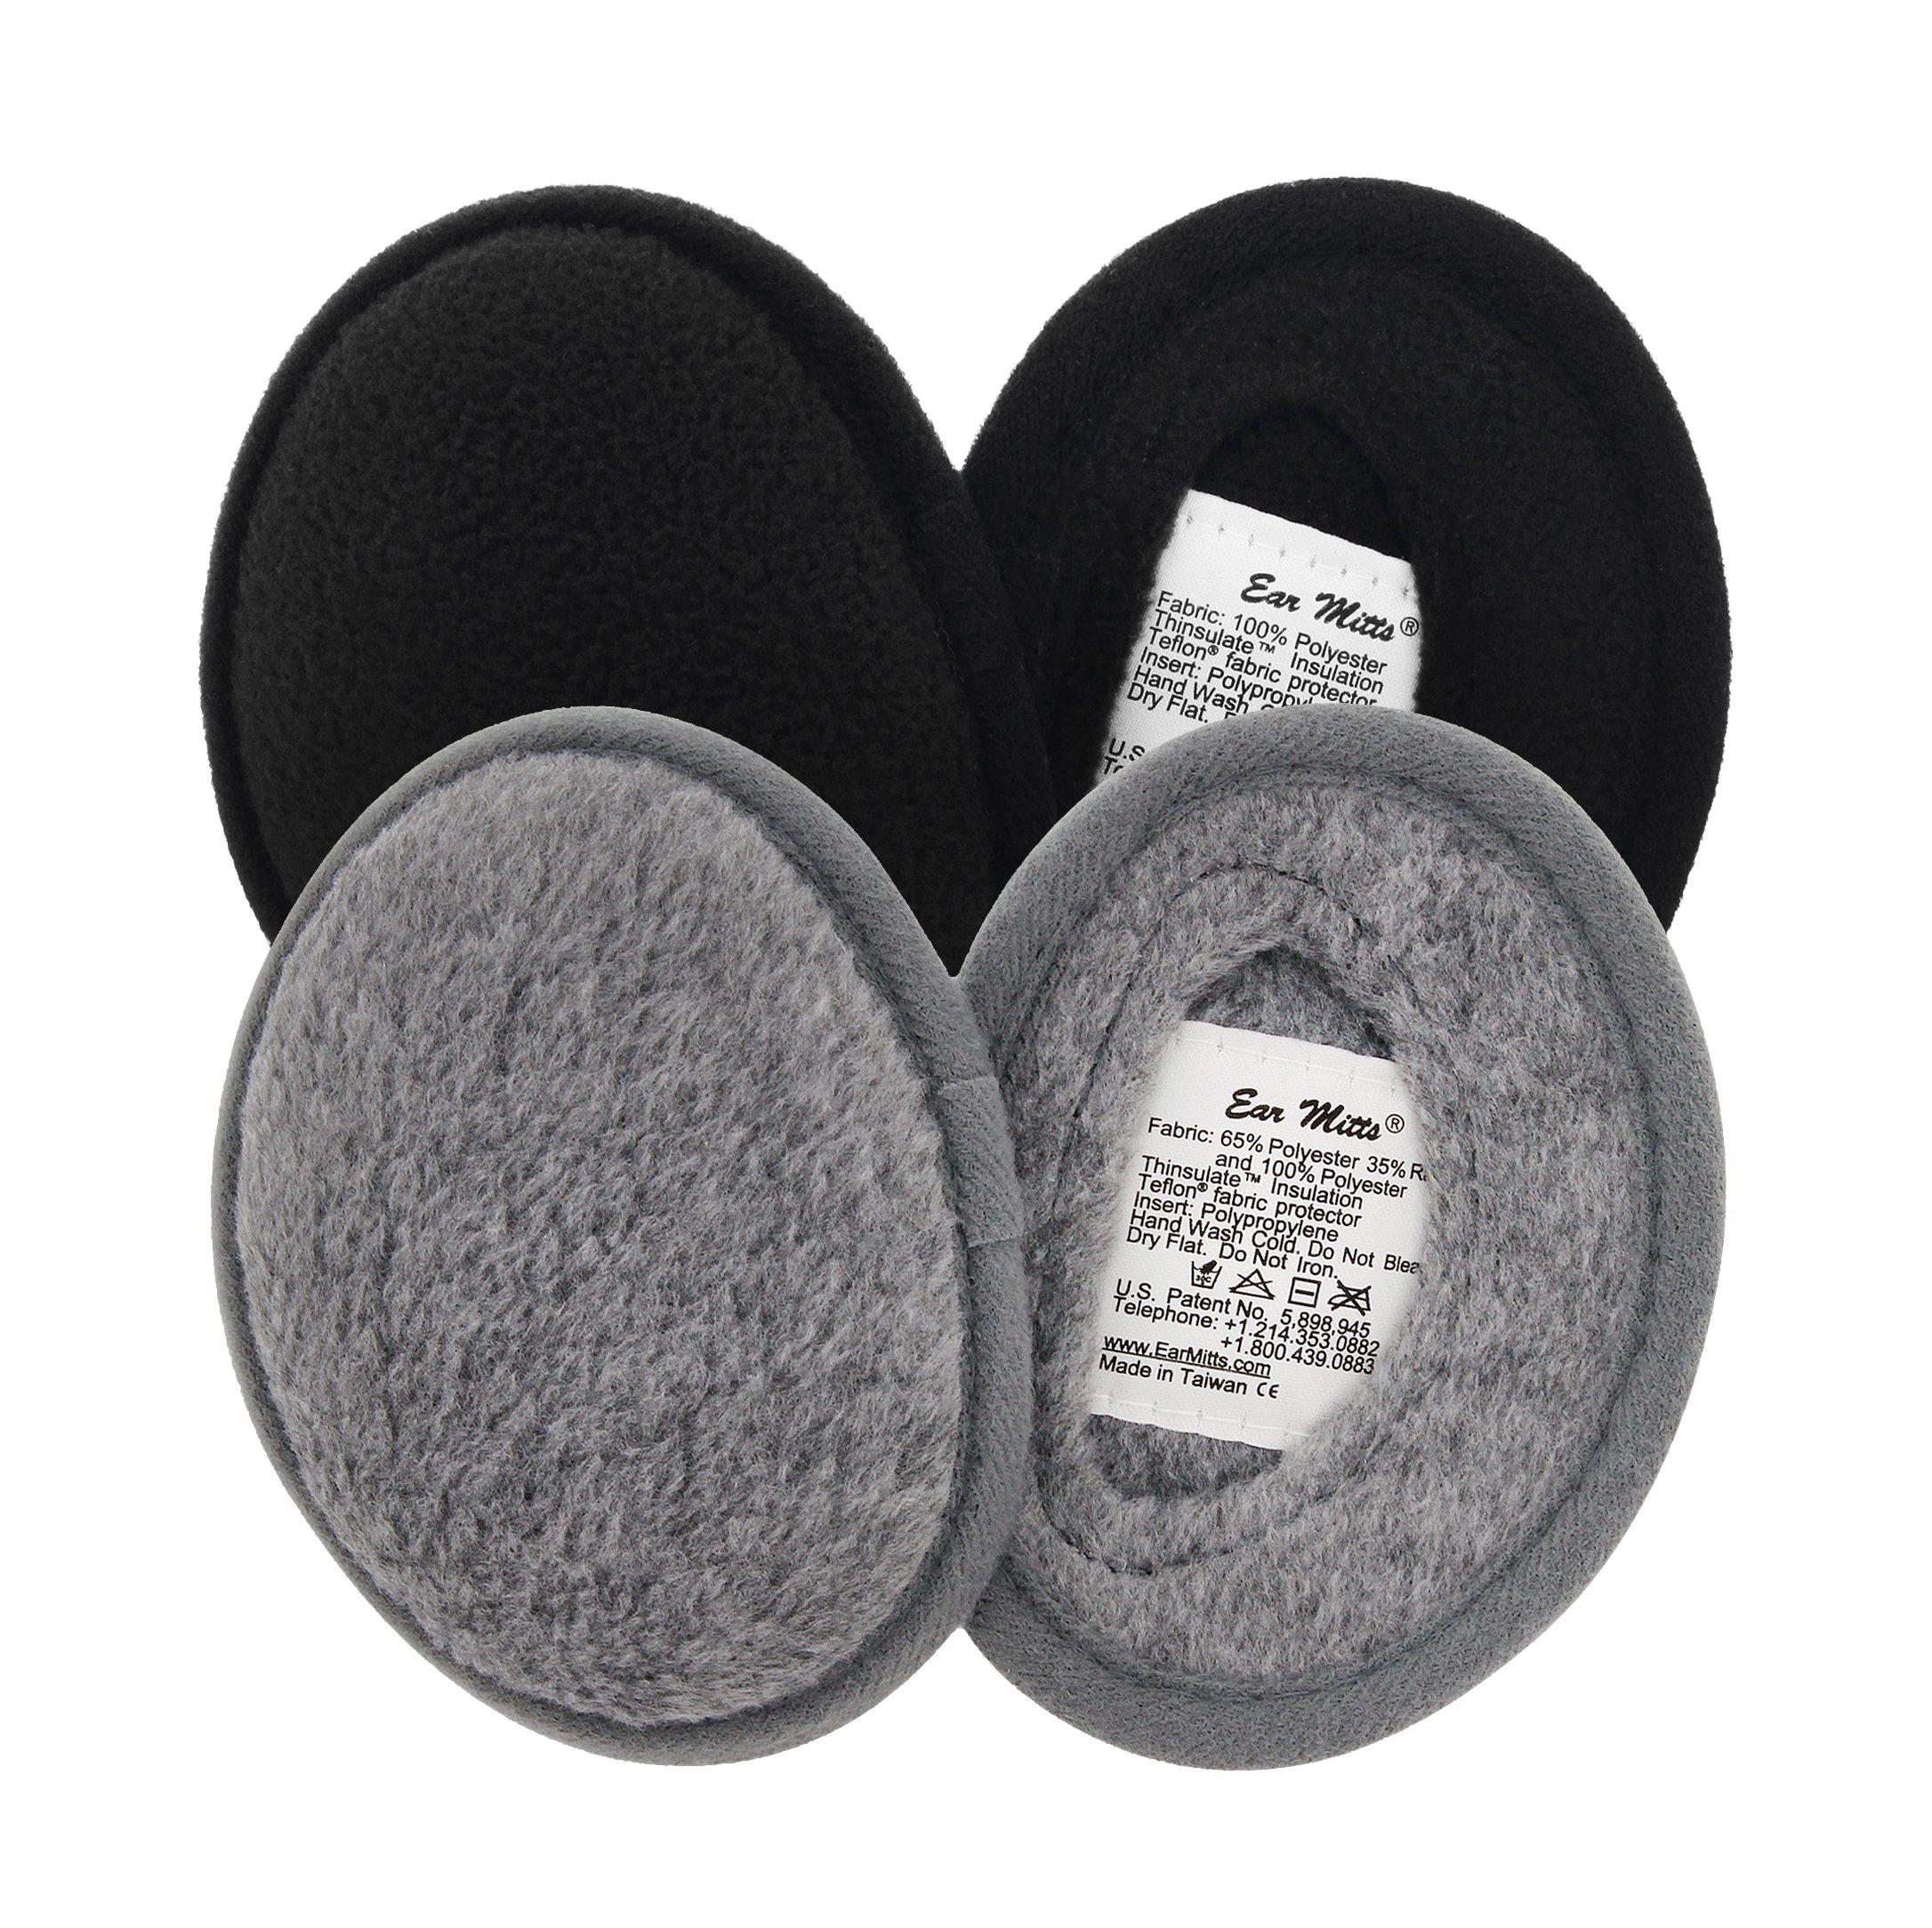 2 Pack Bundle Ear Mitts Fleece Bandless Winter Ear Muffs, Black & Gray, Regular